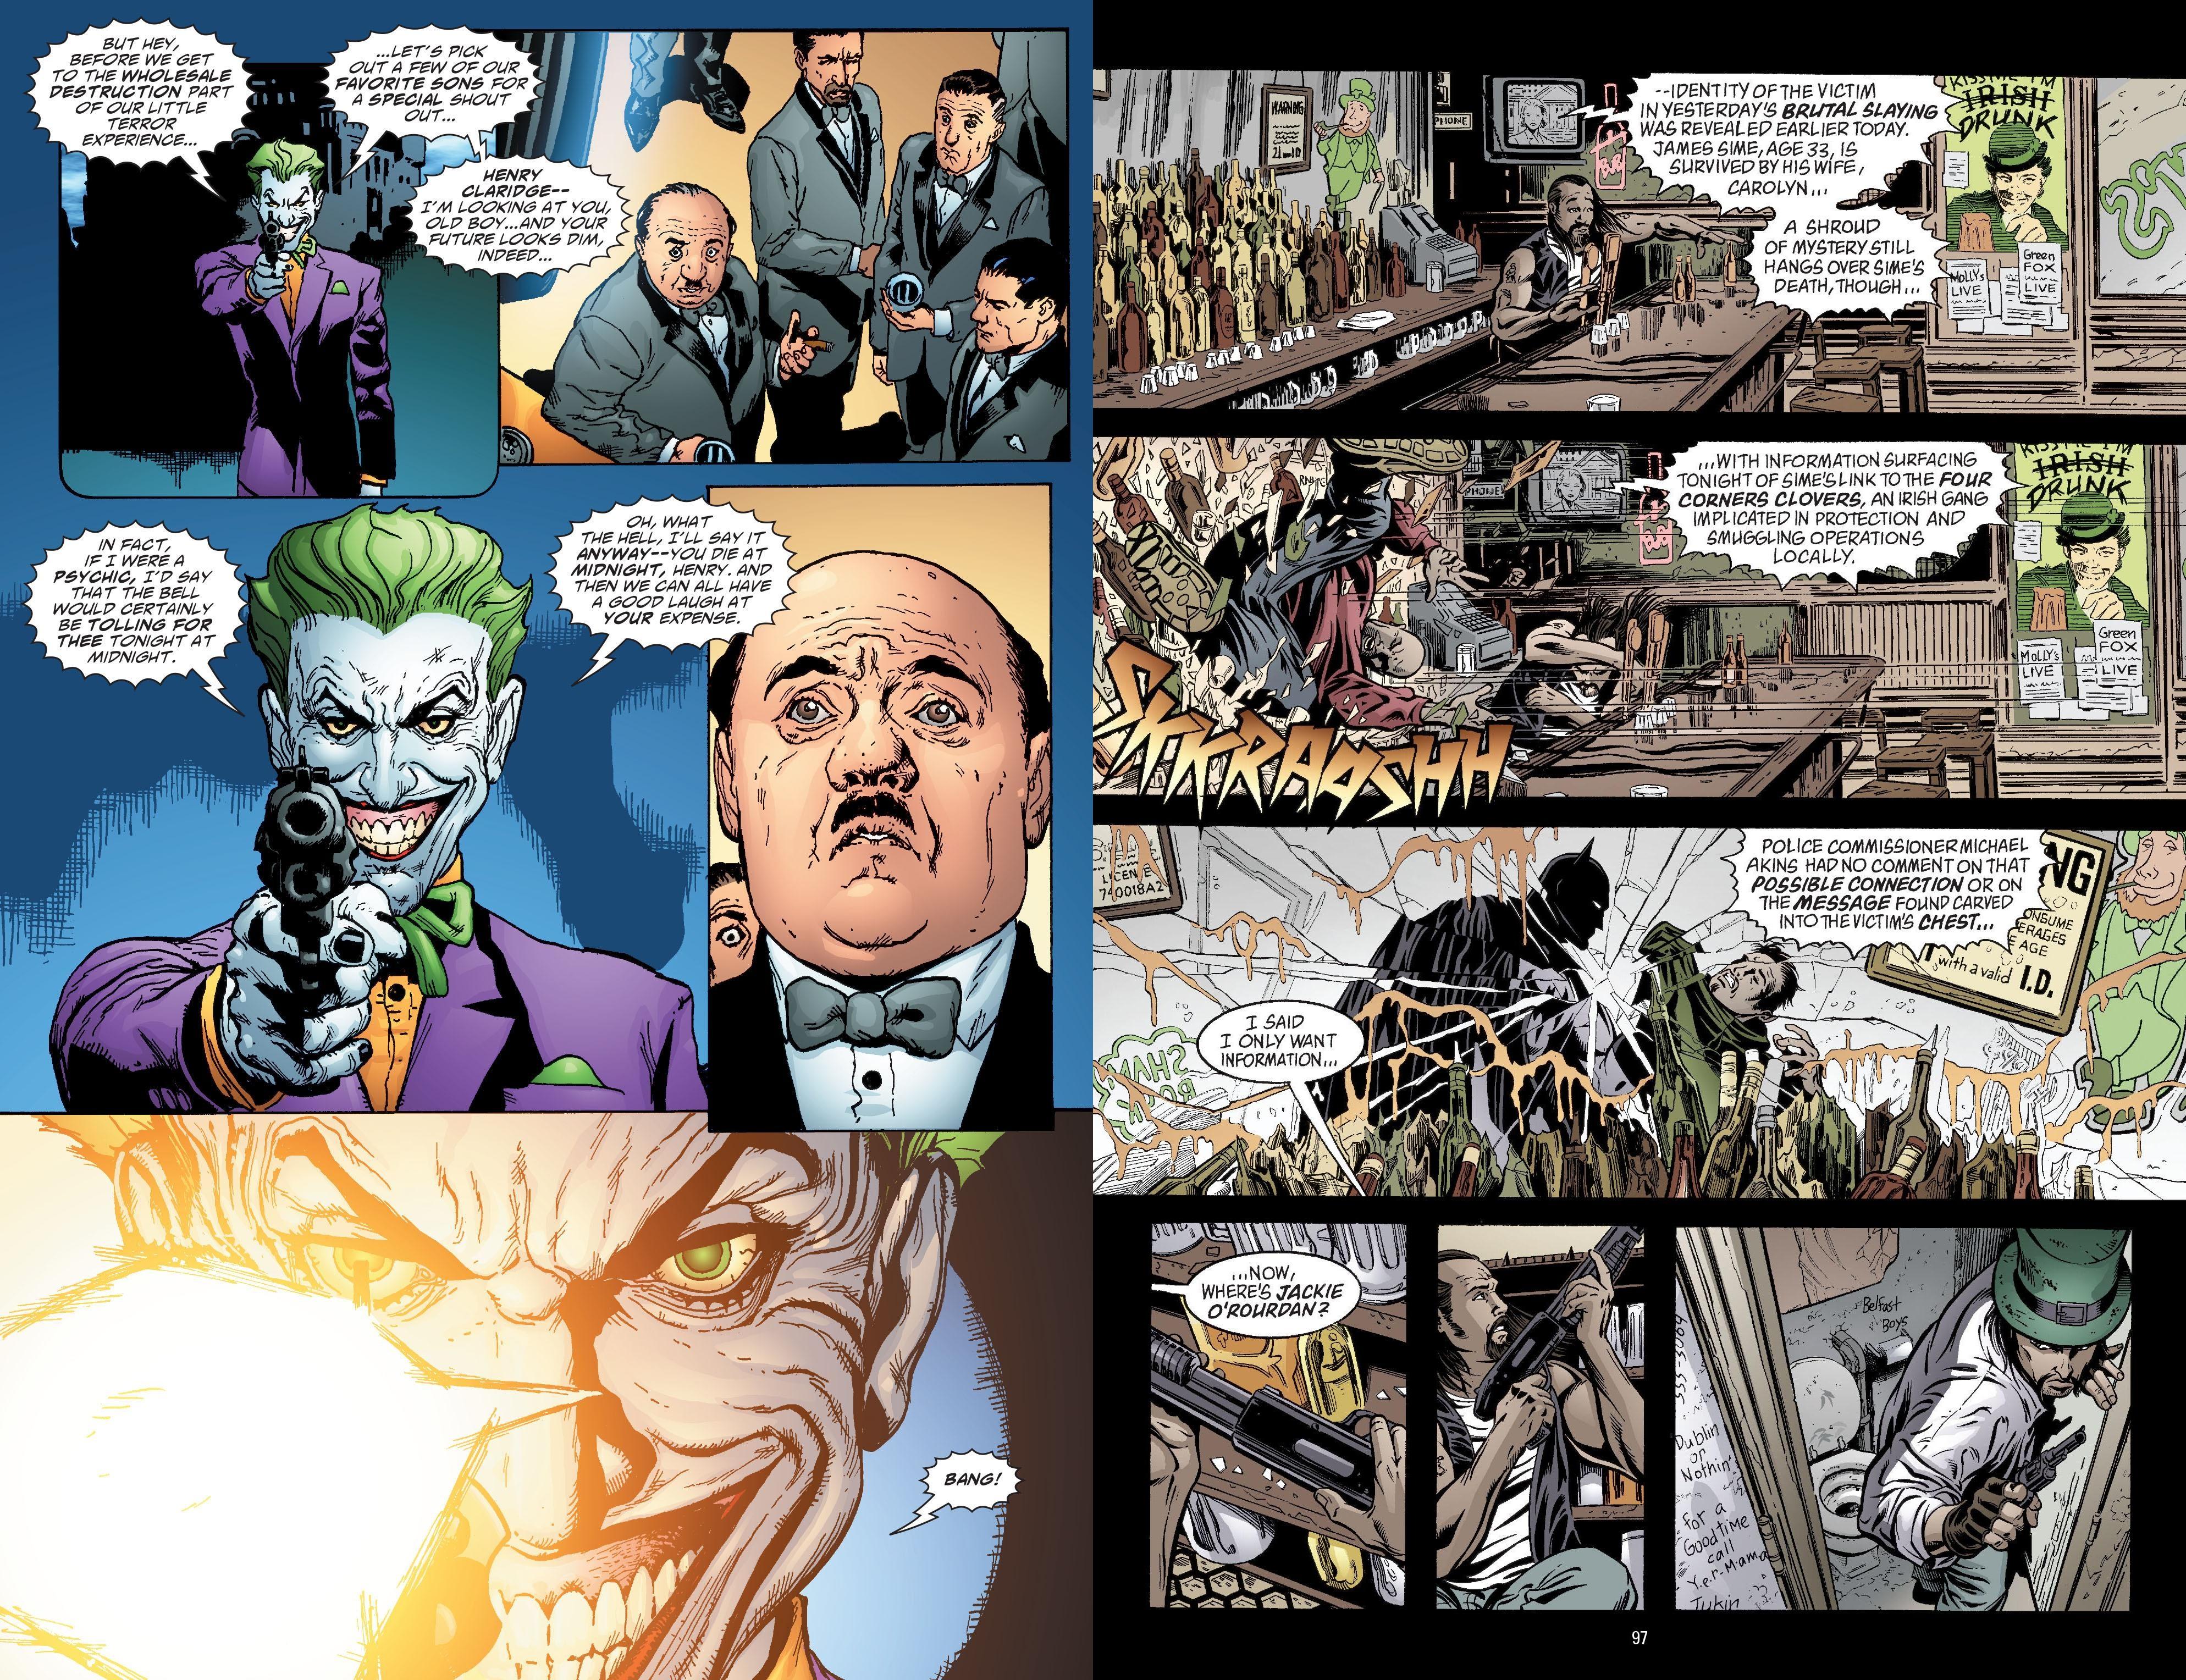 Batman The Man Who Laughs review